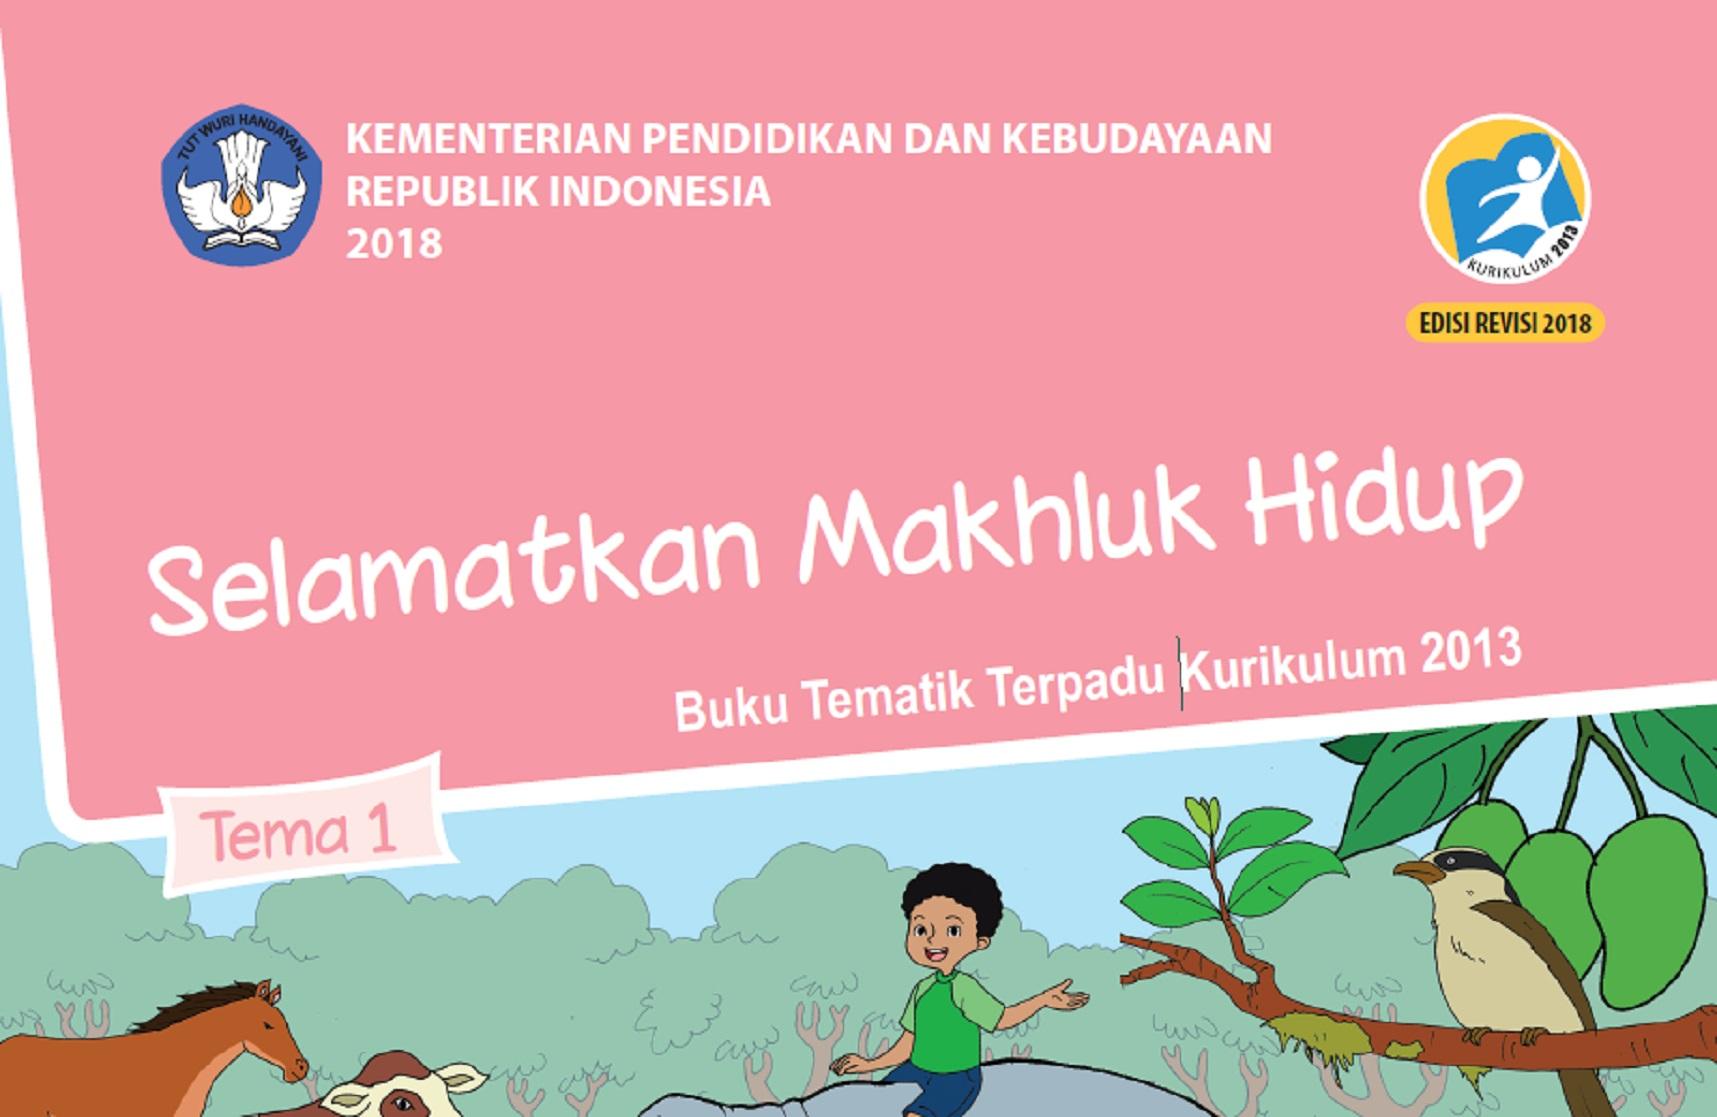 Download Buku Siswa dan Buku Guru Kelas VI (Enam) SD Kurikulum 2013 Revisi 2018